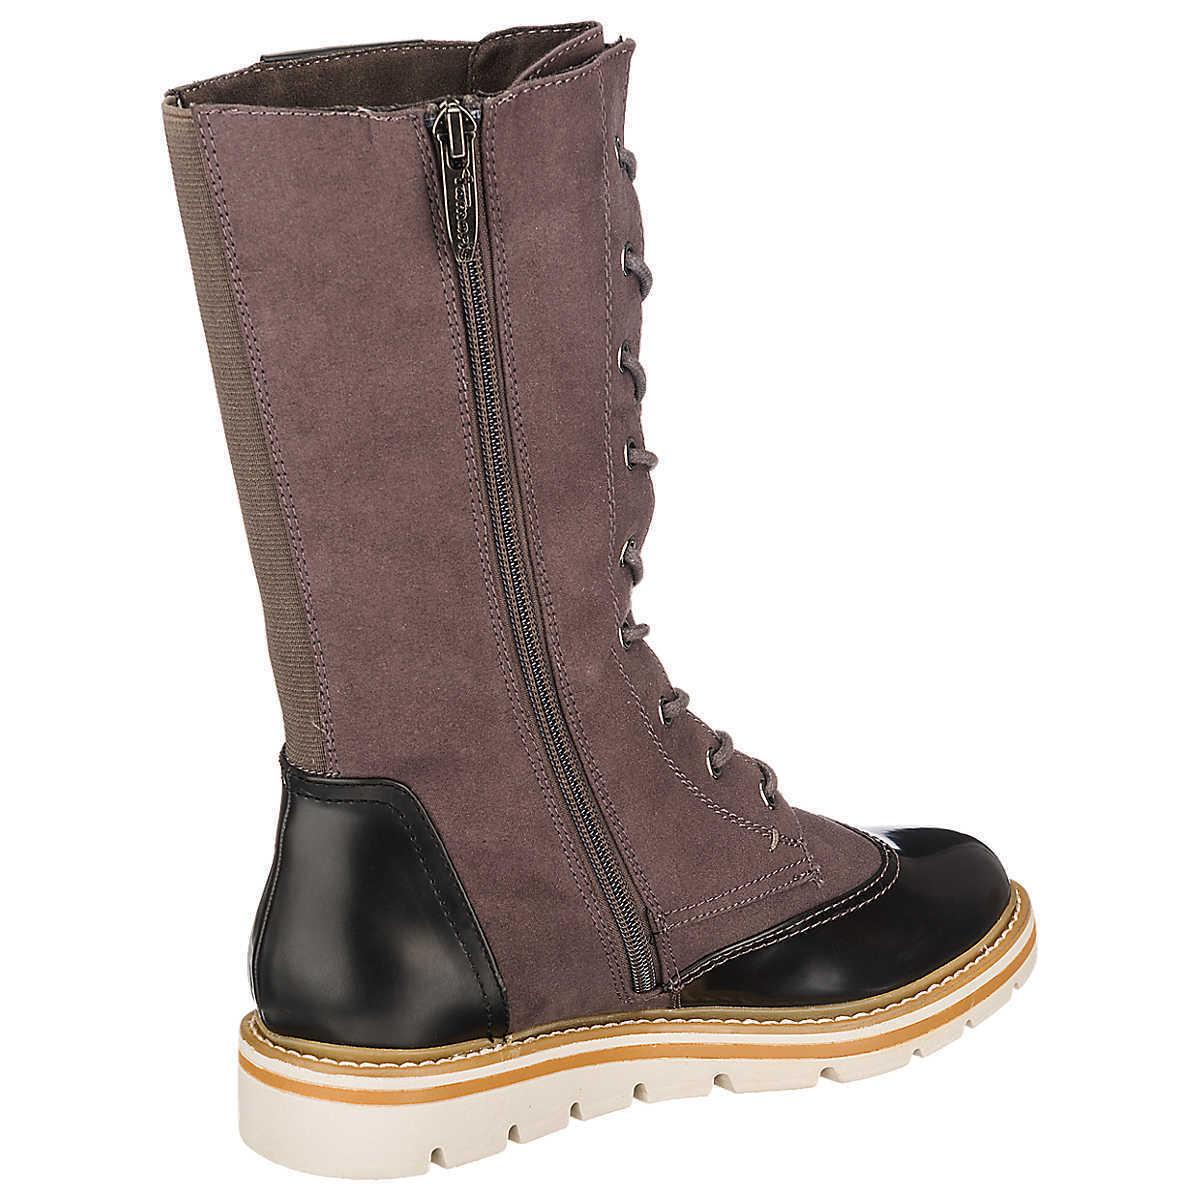 Tamaris polis señora botas caña botas, zapatos de mujer, ! nuevo!